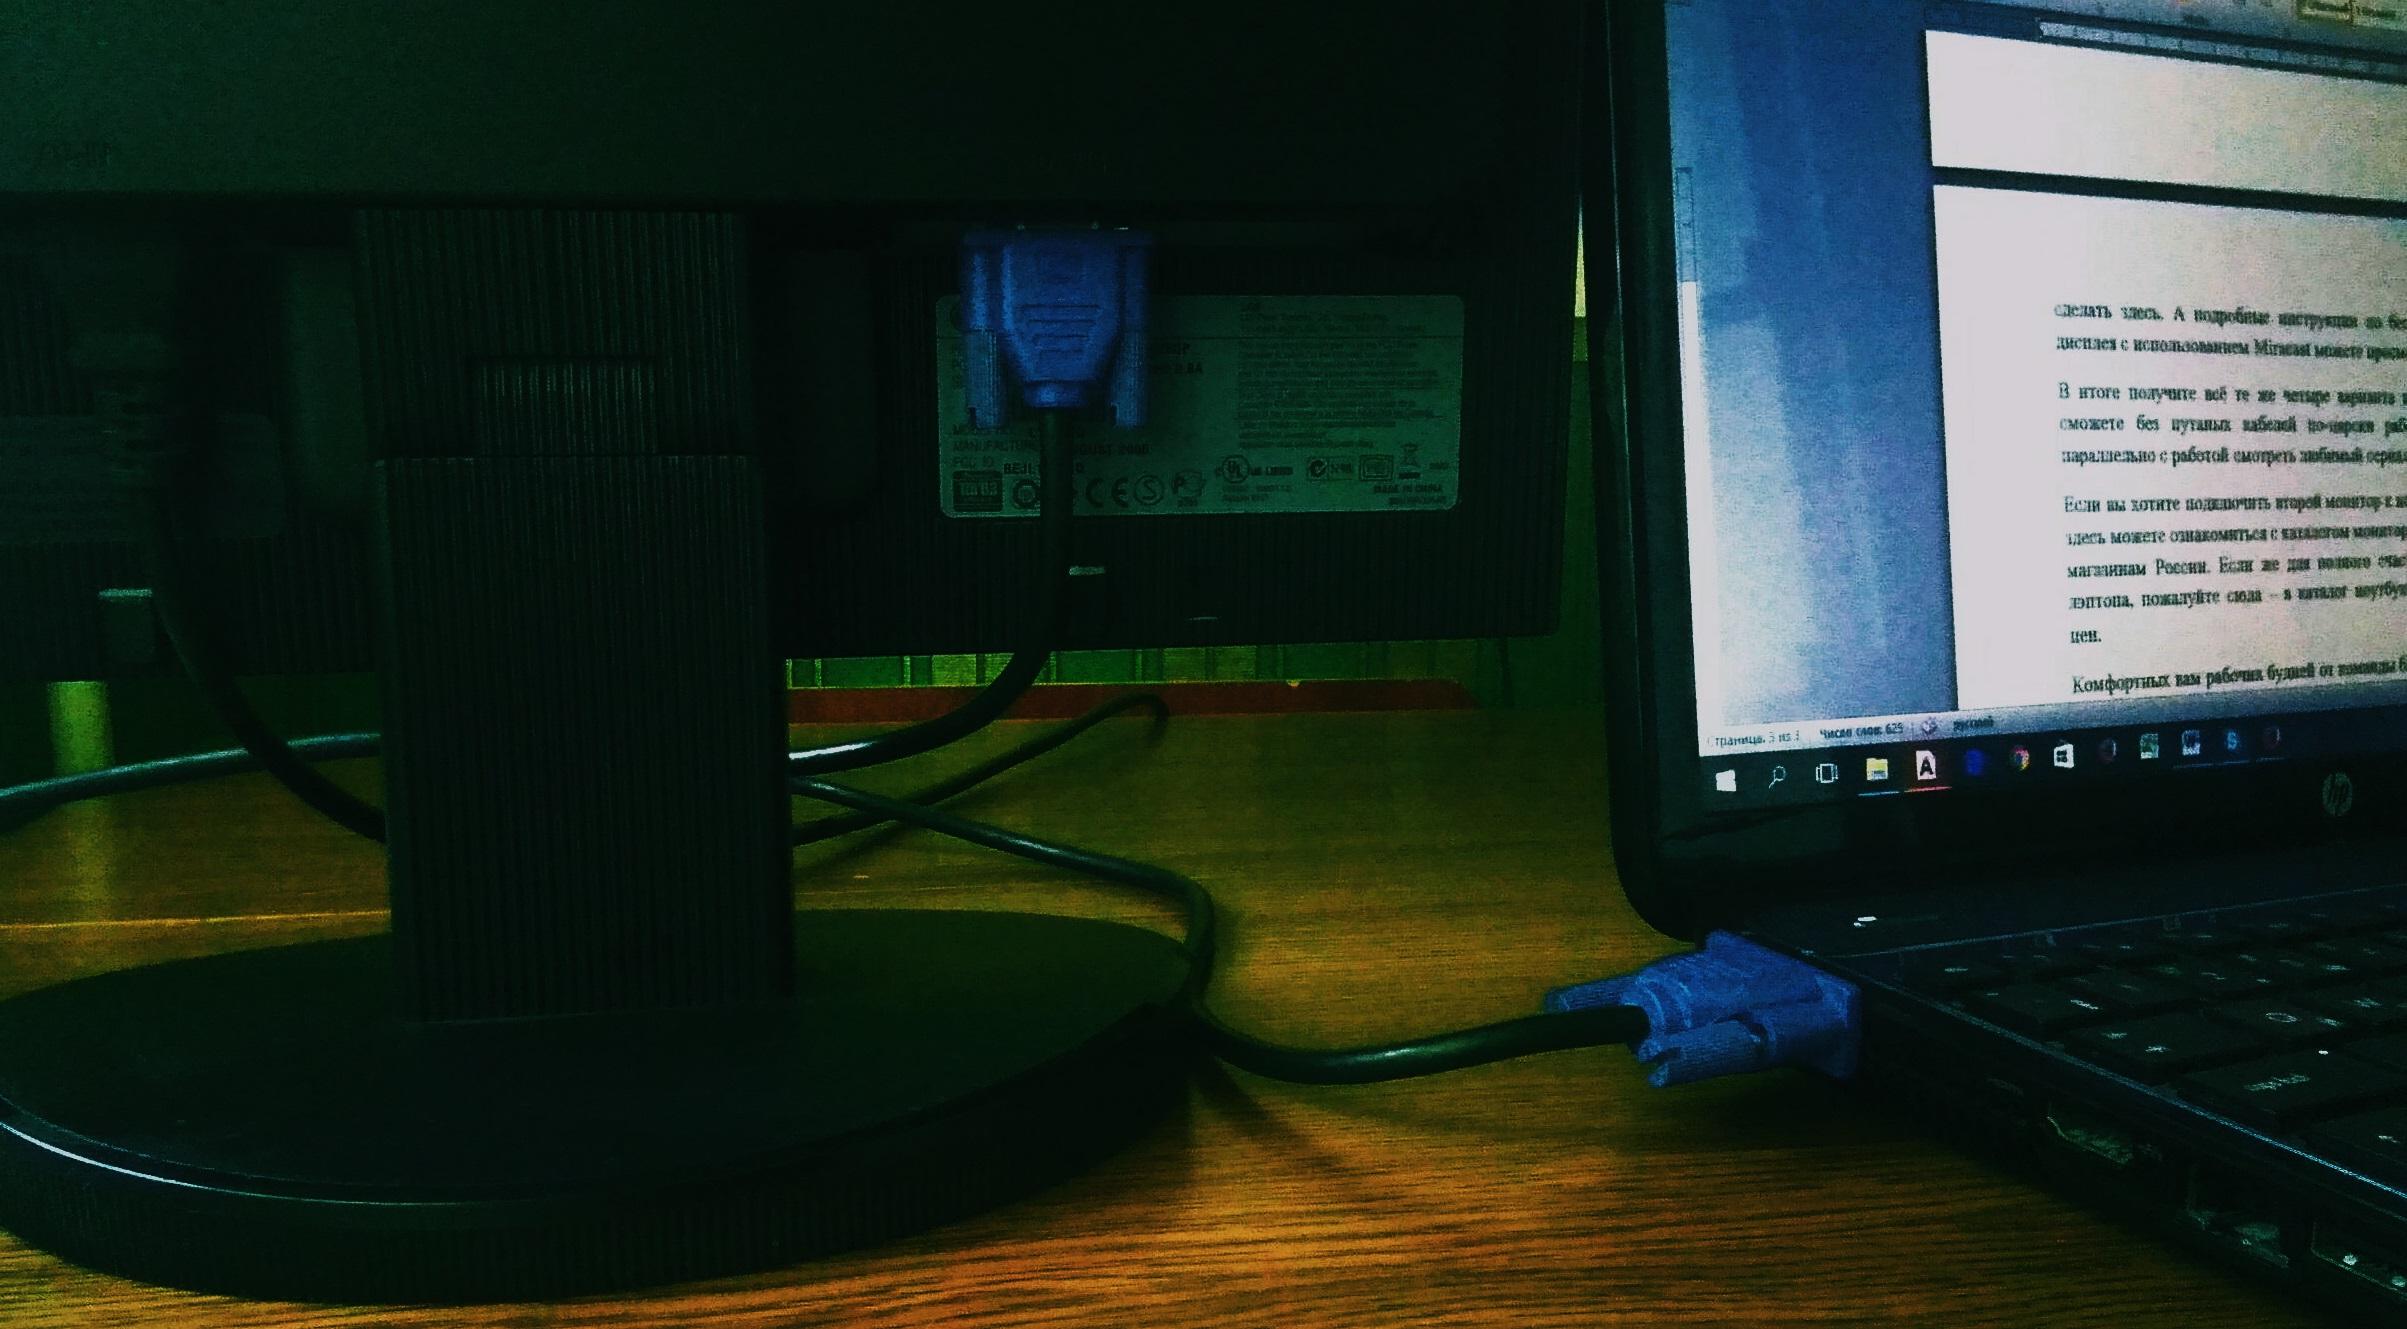 Podklyuchenie-monitora-k-noutbuku-cherez-VGA-port.jpg